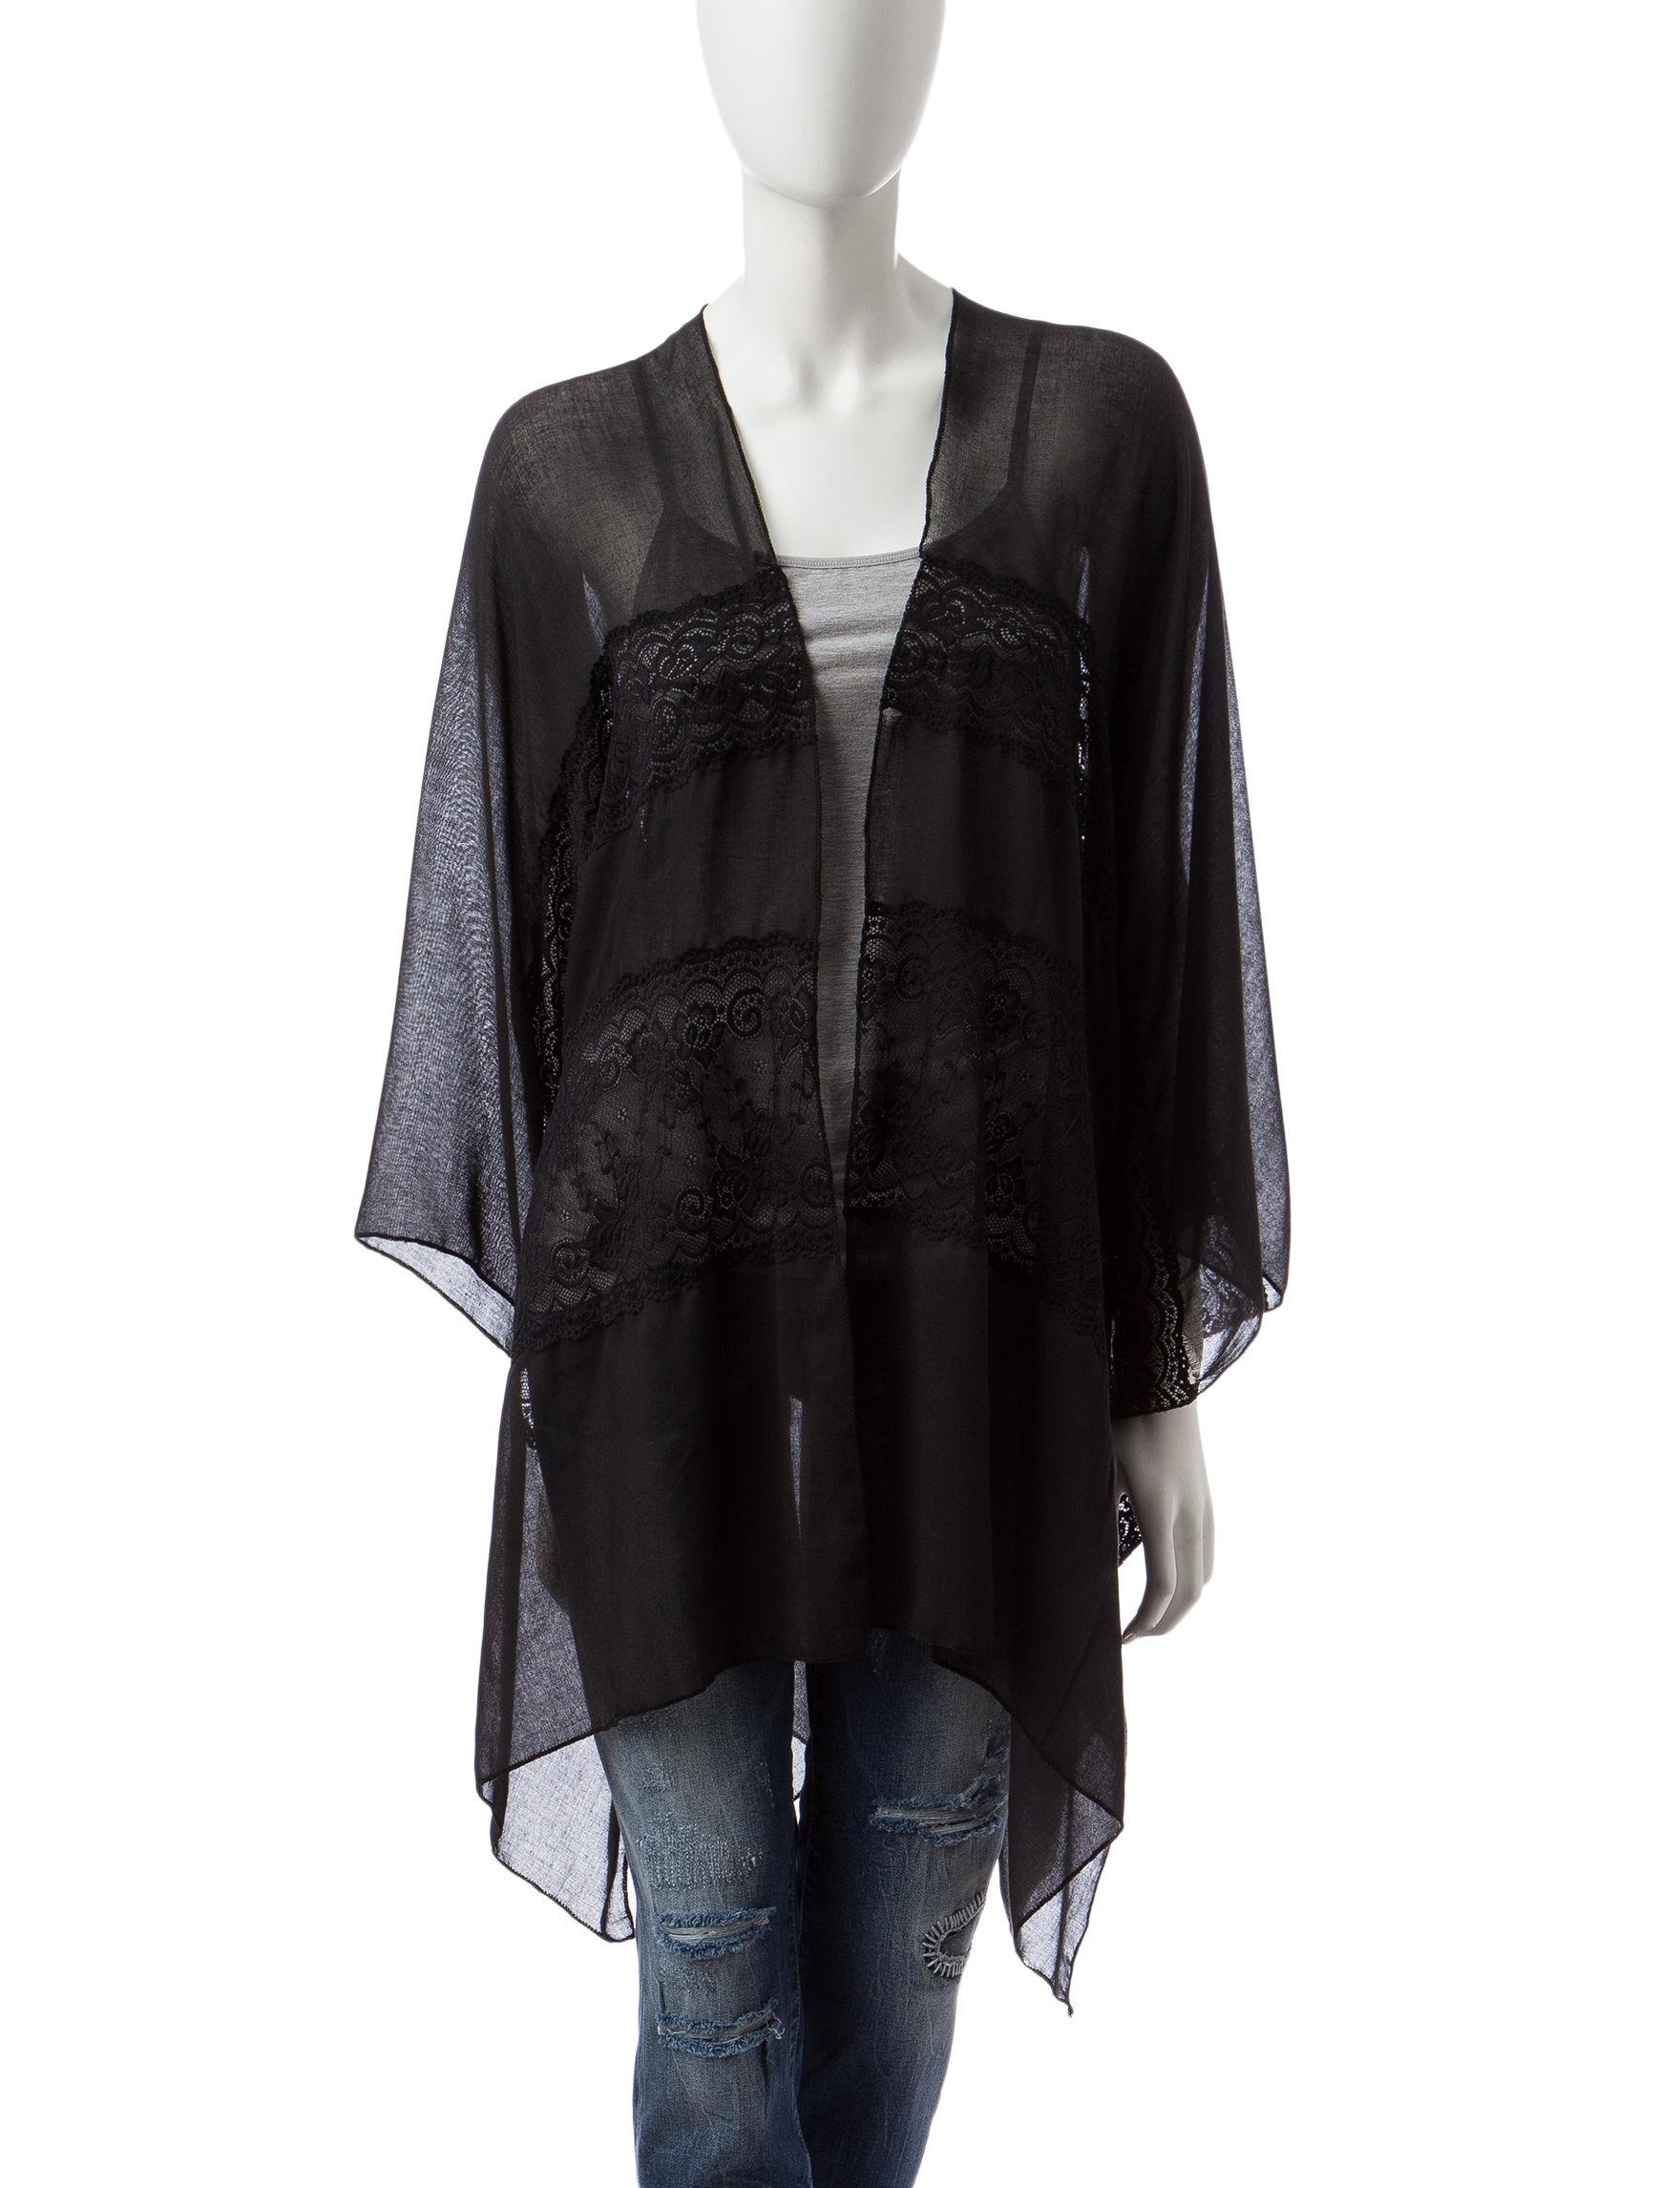 Basha Black Kimonos & Toppers Scarves & Wraps